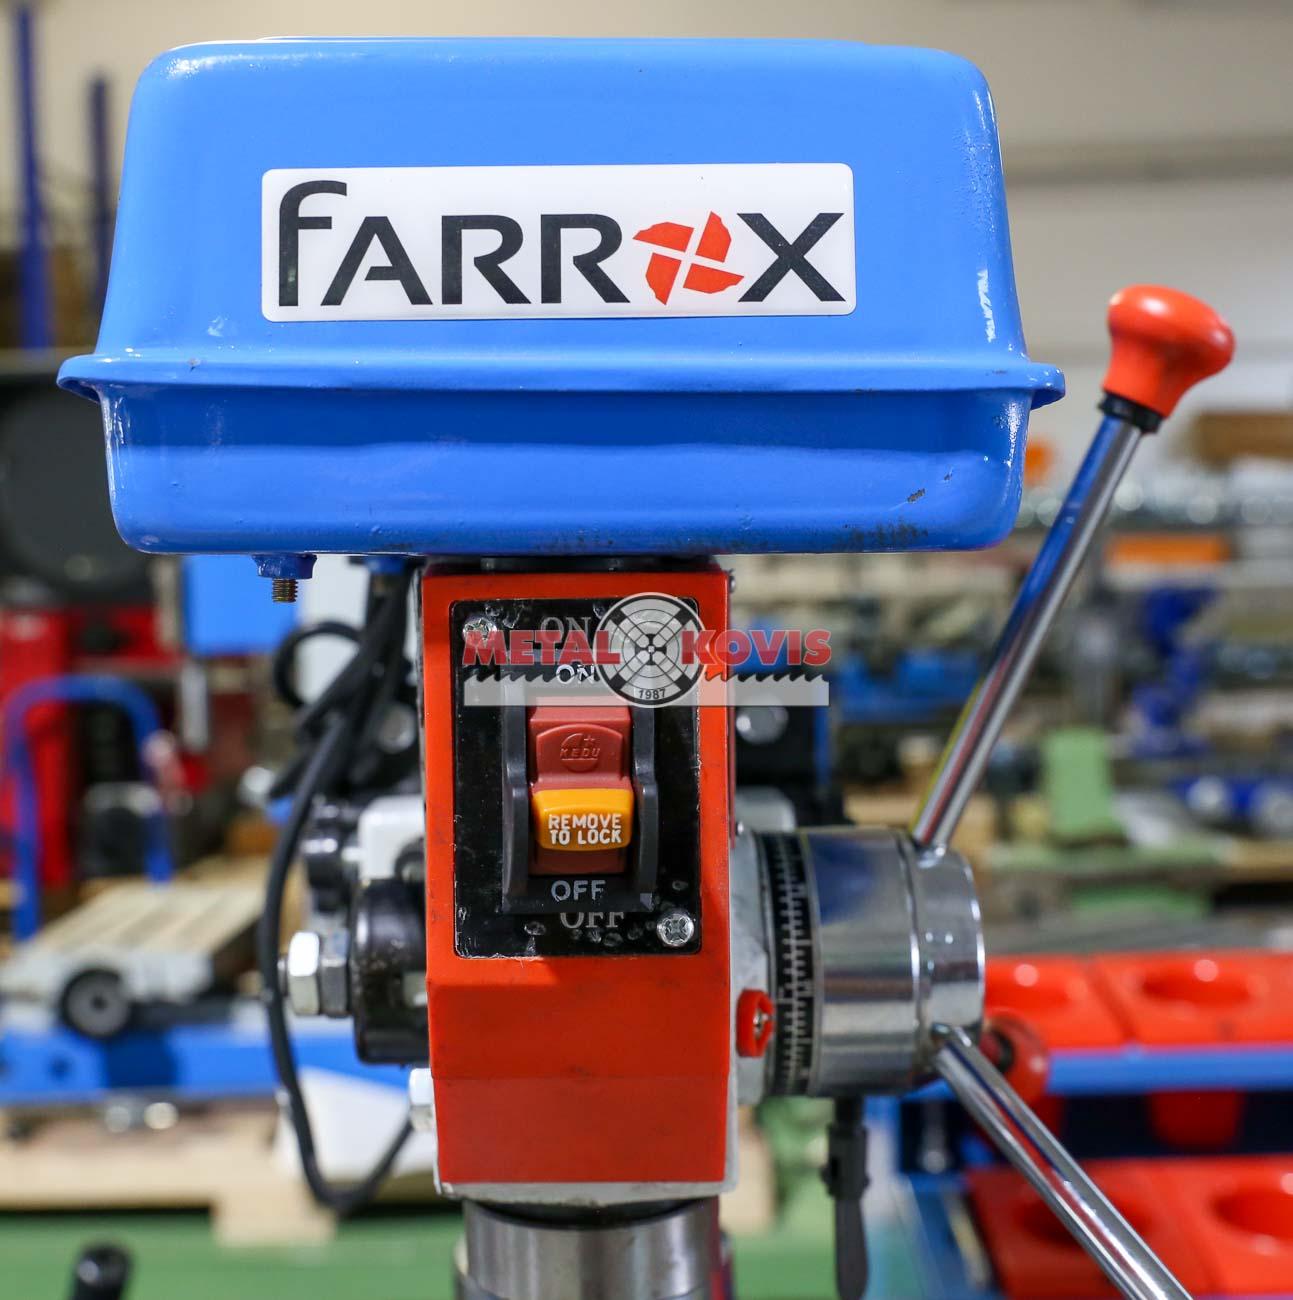 Stolna bušilica DP25013B, Farrox